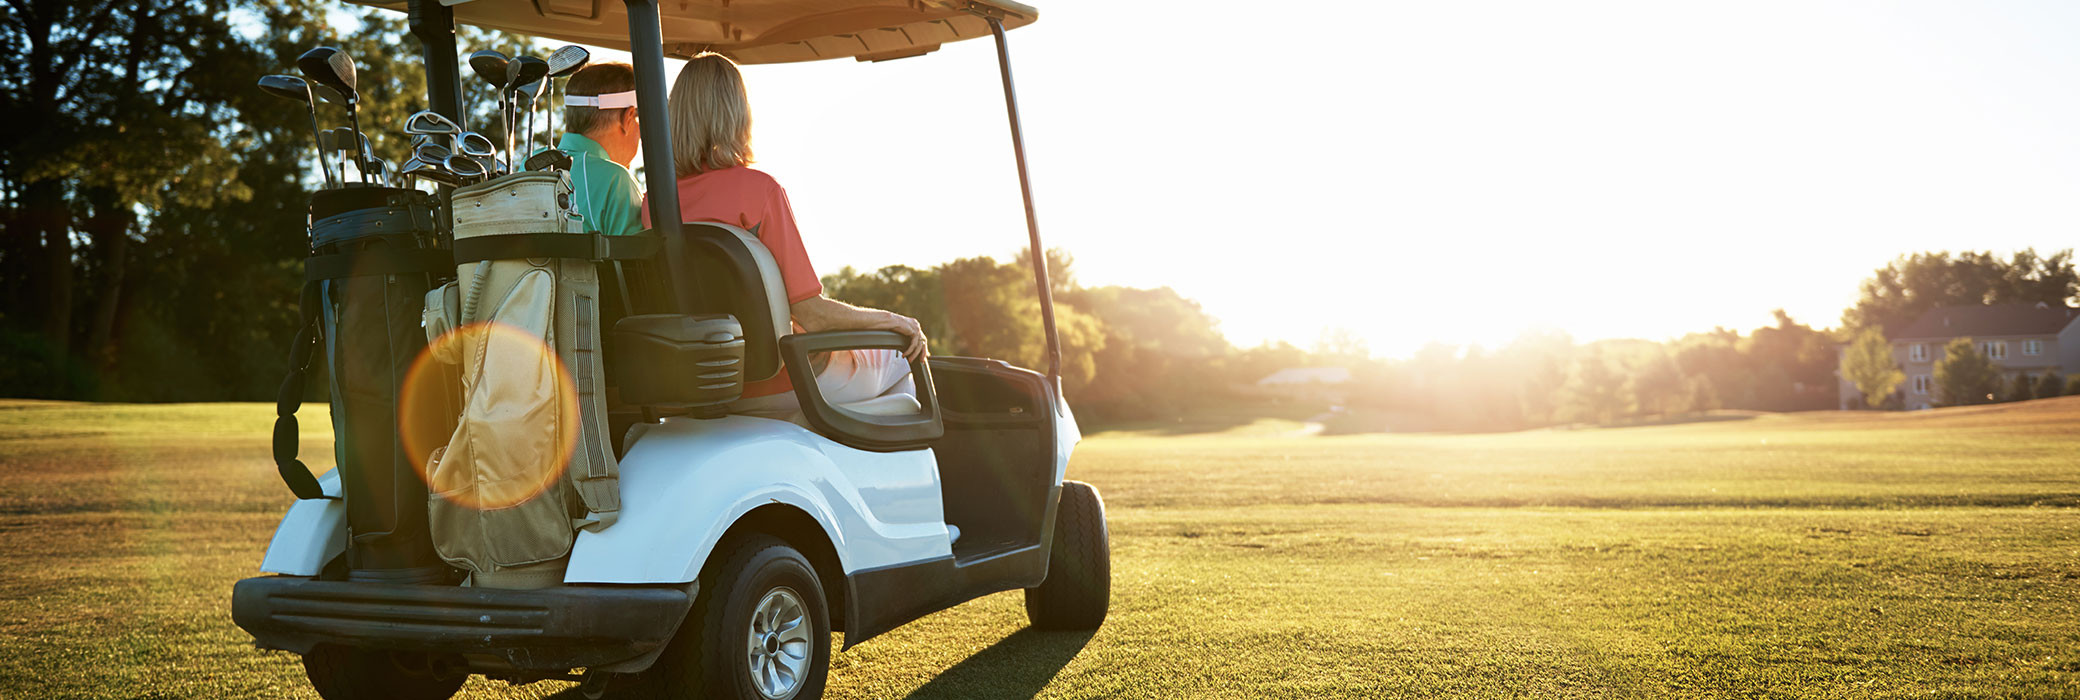 Ein Paar sitzt in einem weißen Golfwagen und fährt bei sonnigem Wetter über einen Golfplatz